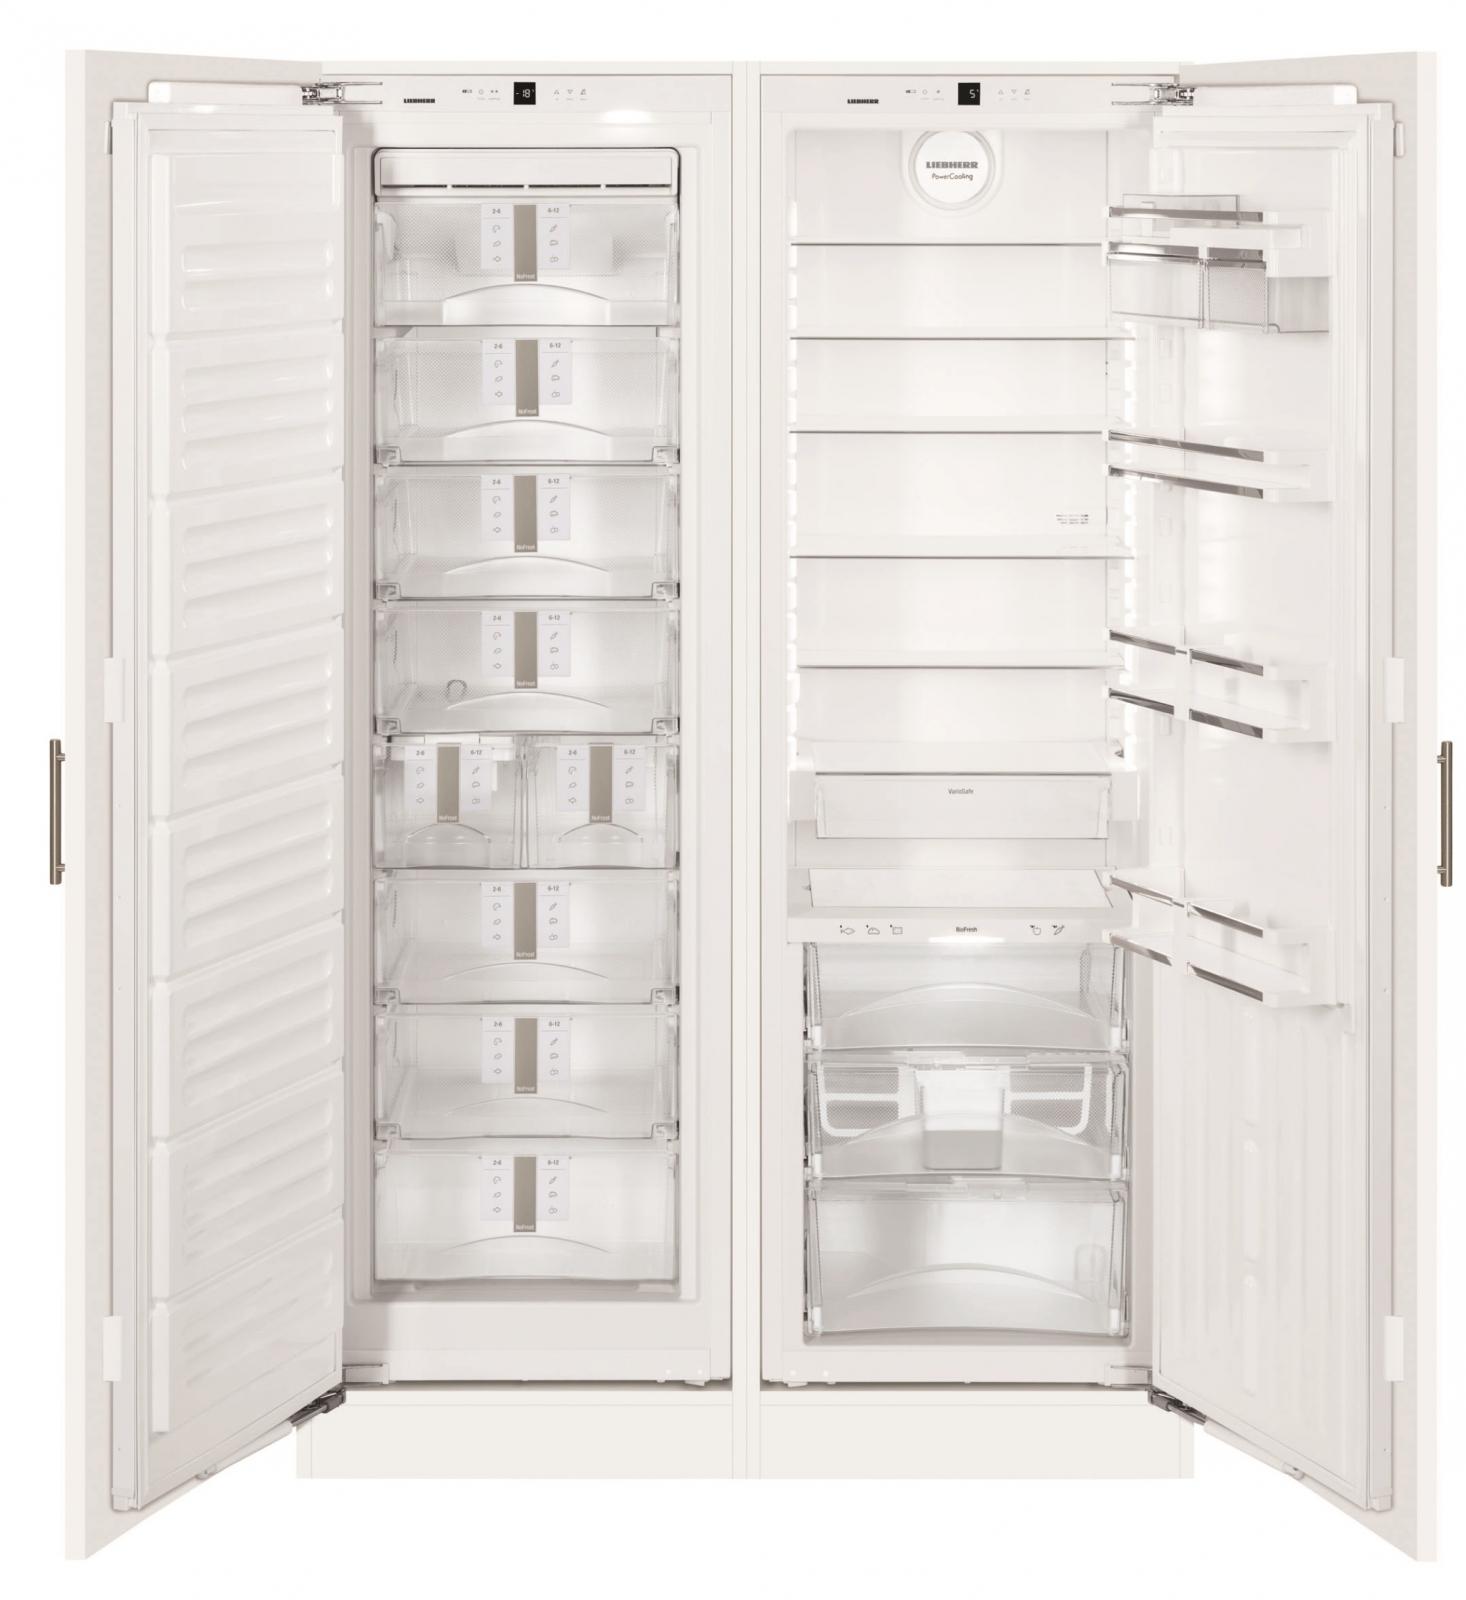 купить Встраиваемый холодильник  Side-by-side Liebherr SBS 70I4 003 Украина фото 1